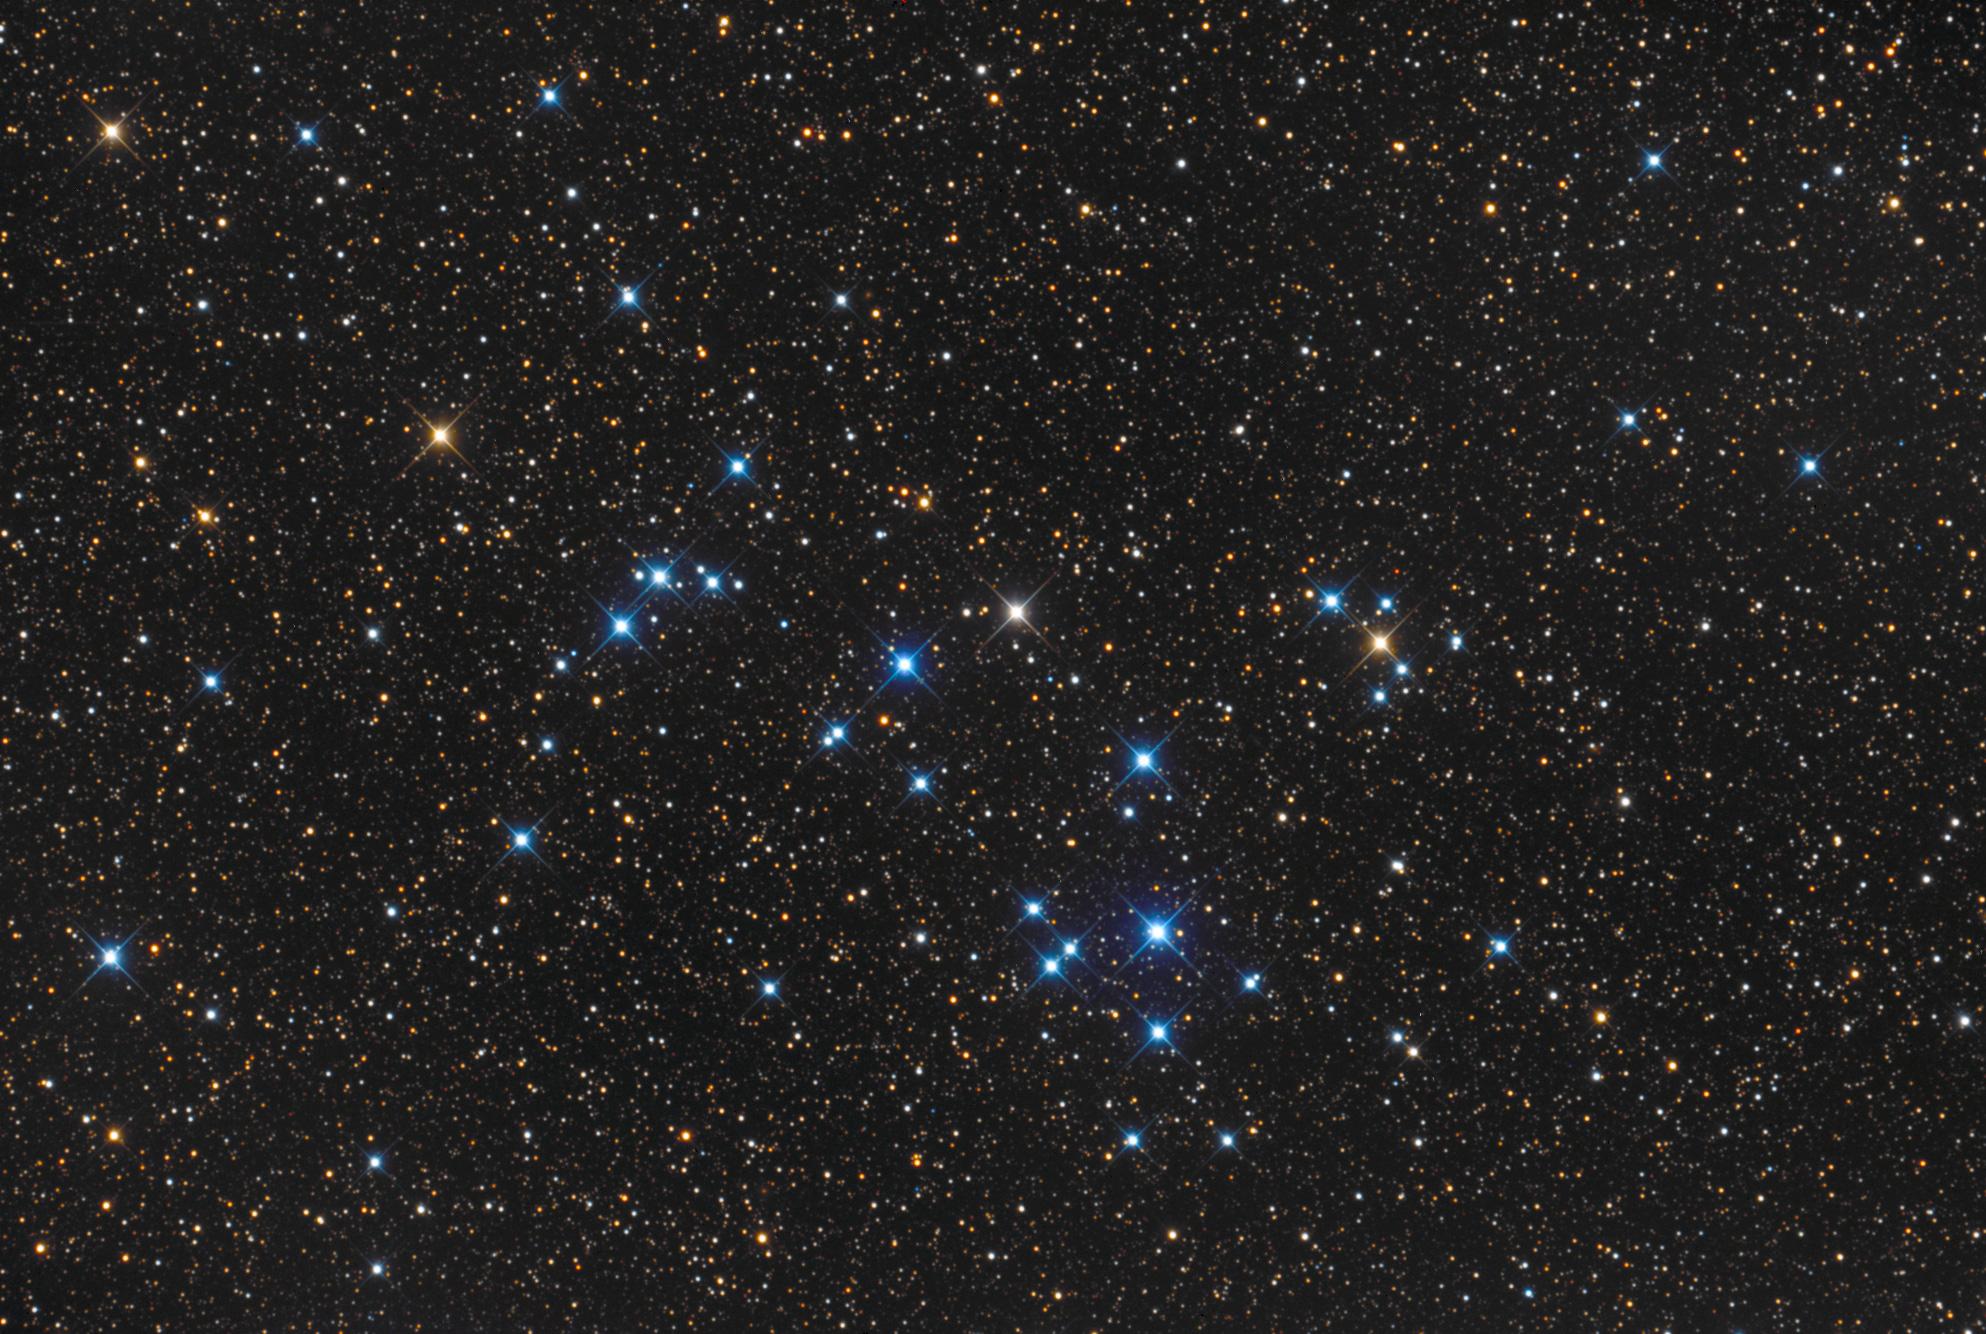 Dazzling Star Cluster Shines in Stargazer's Photo